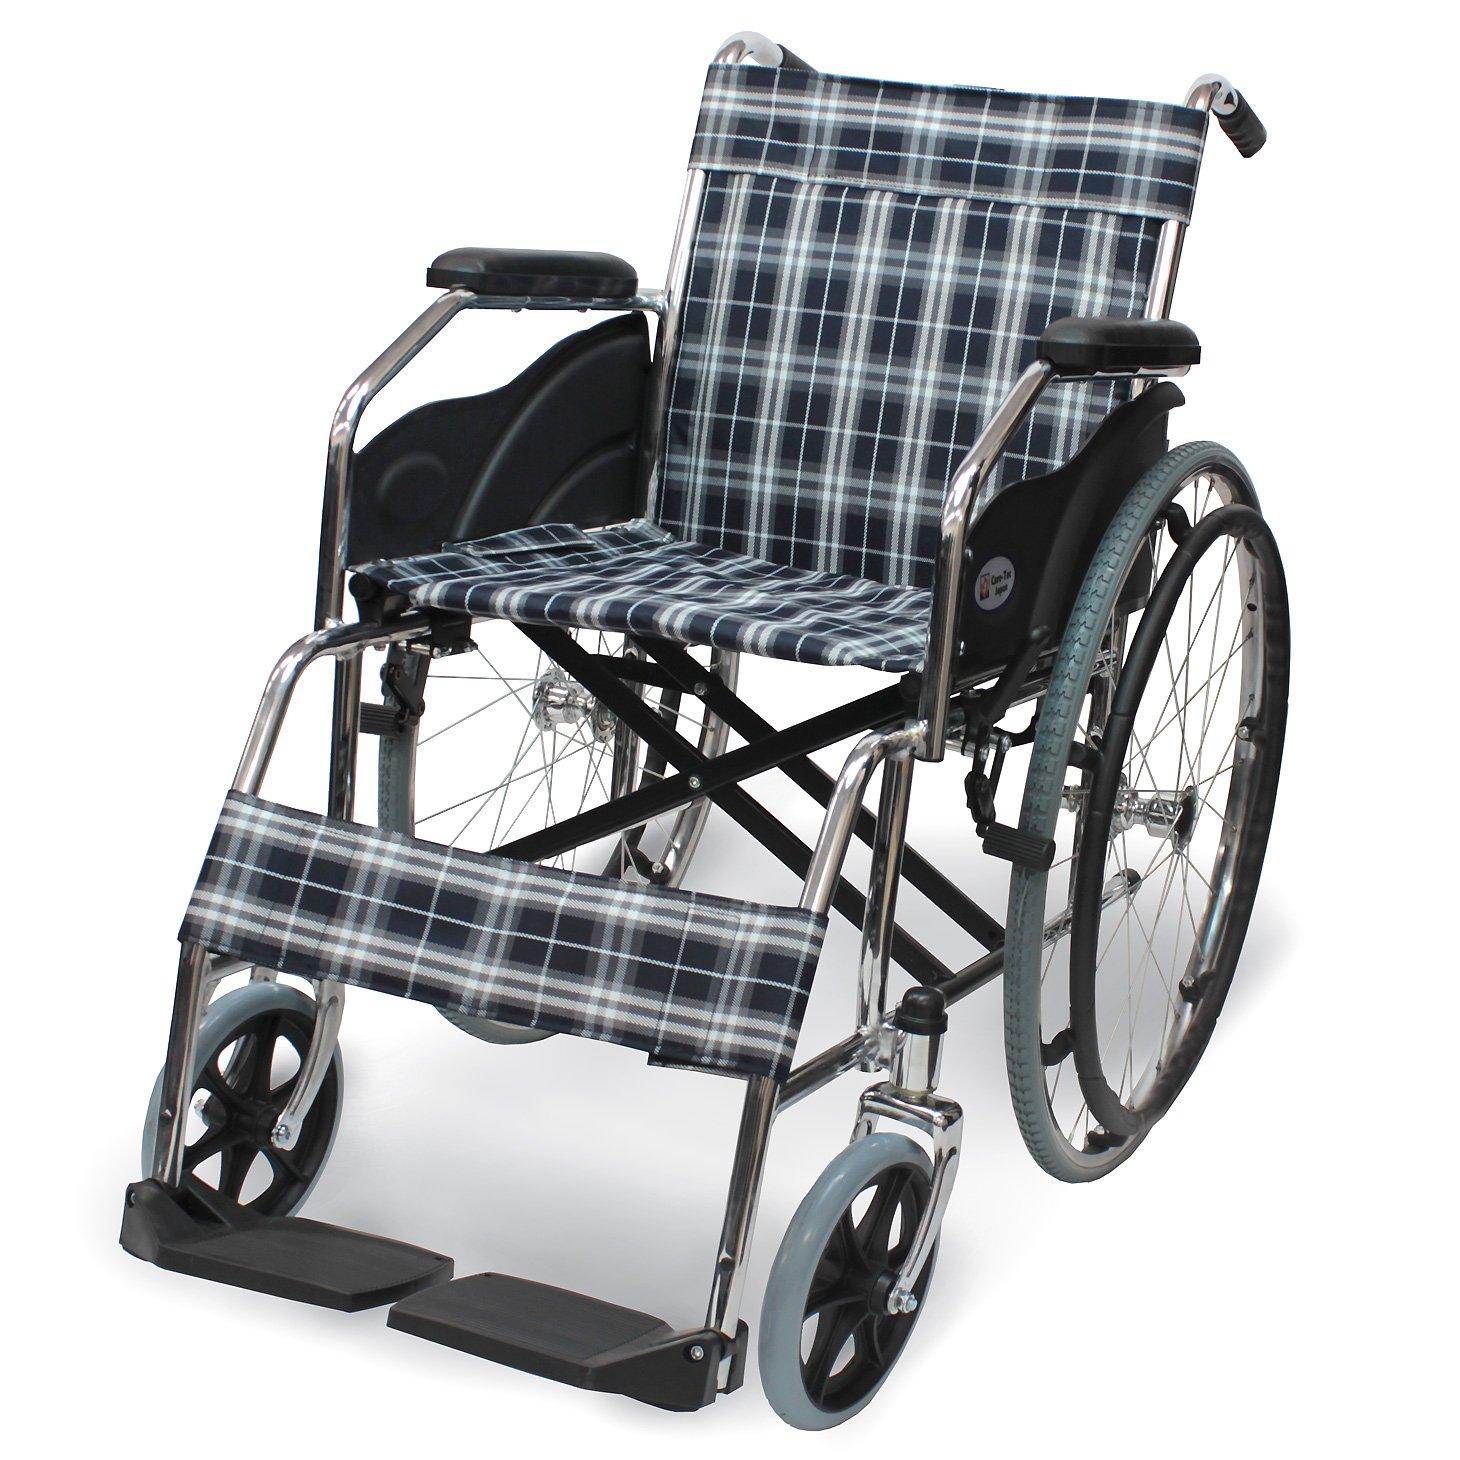 ケアテックジャパン 自走式 スチール製 折りたたみ 車椅子 ウィッシュ CS-10 B00ODUBNNQ スタンダードチェック スタンダードチェック